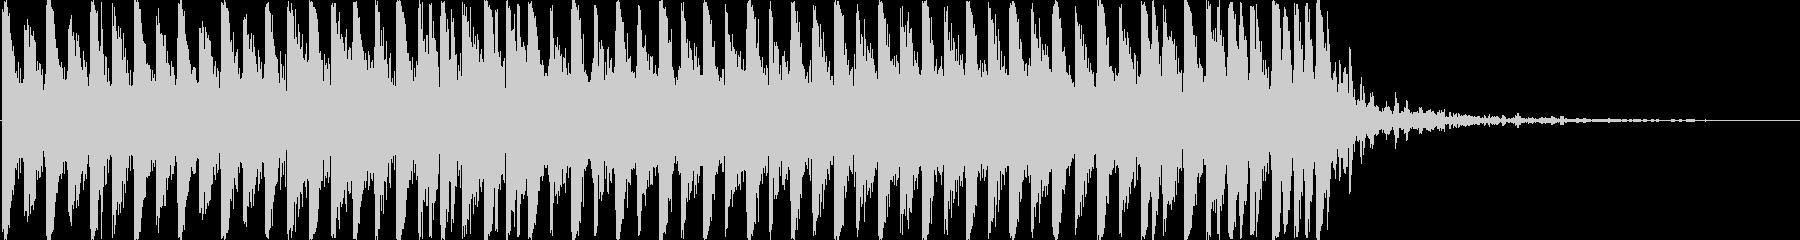 【効果音なし】透明でおしゃれなシンセショの未再生の波形